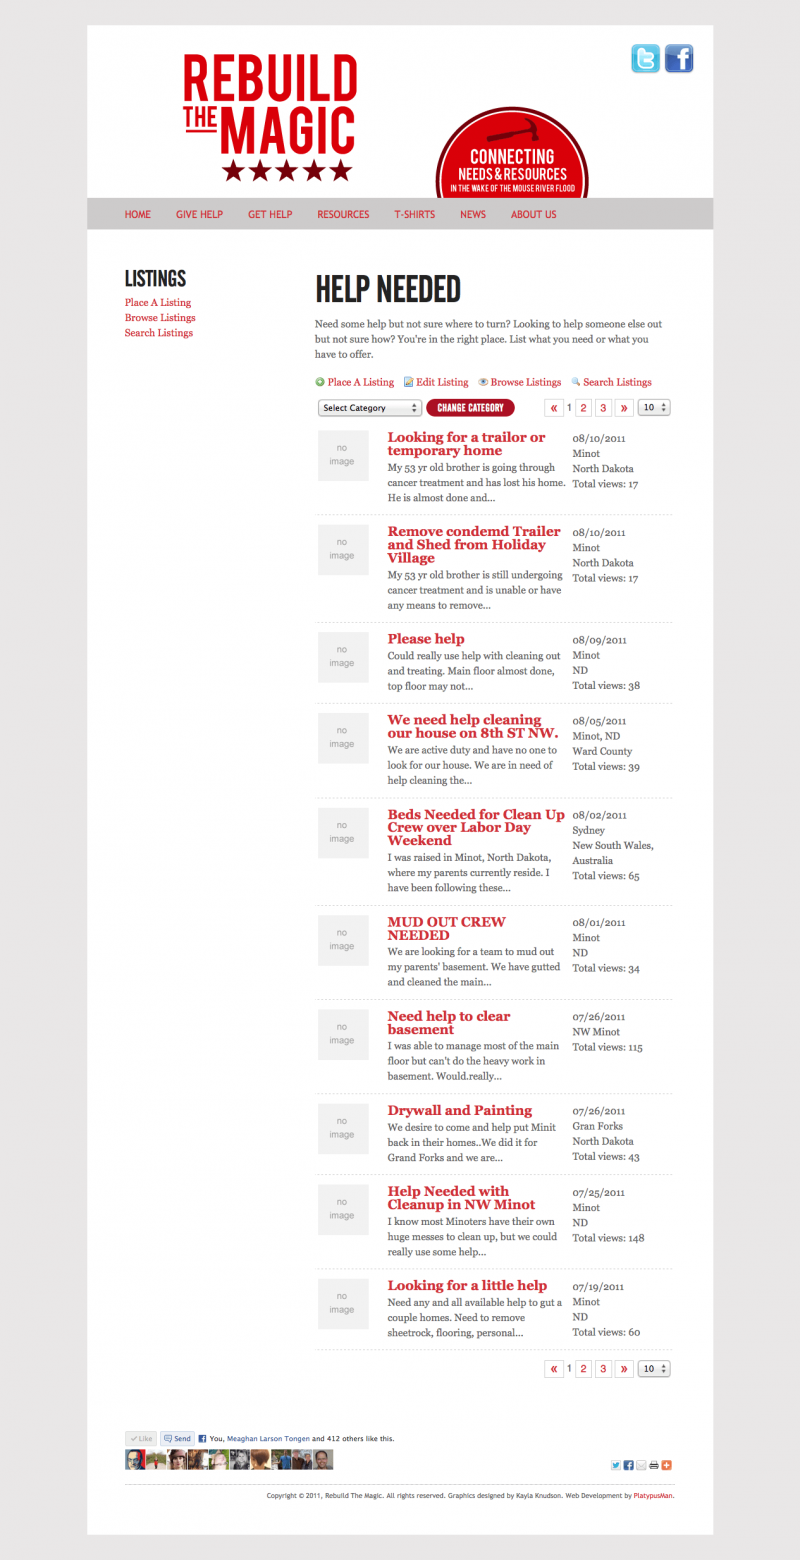 rebuildthemagic-browse-categories-help-needed